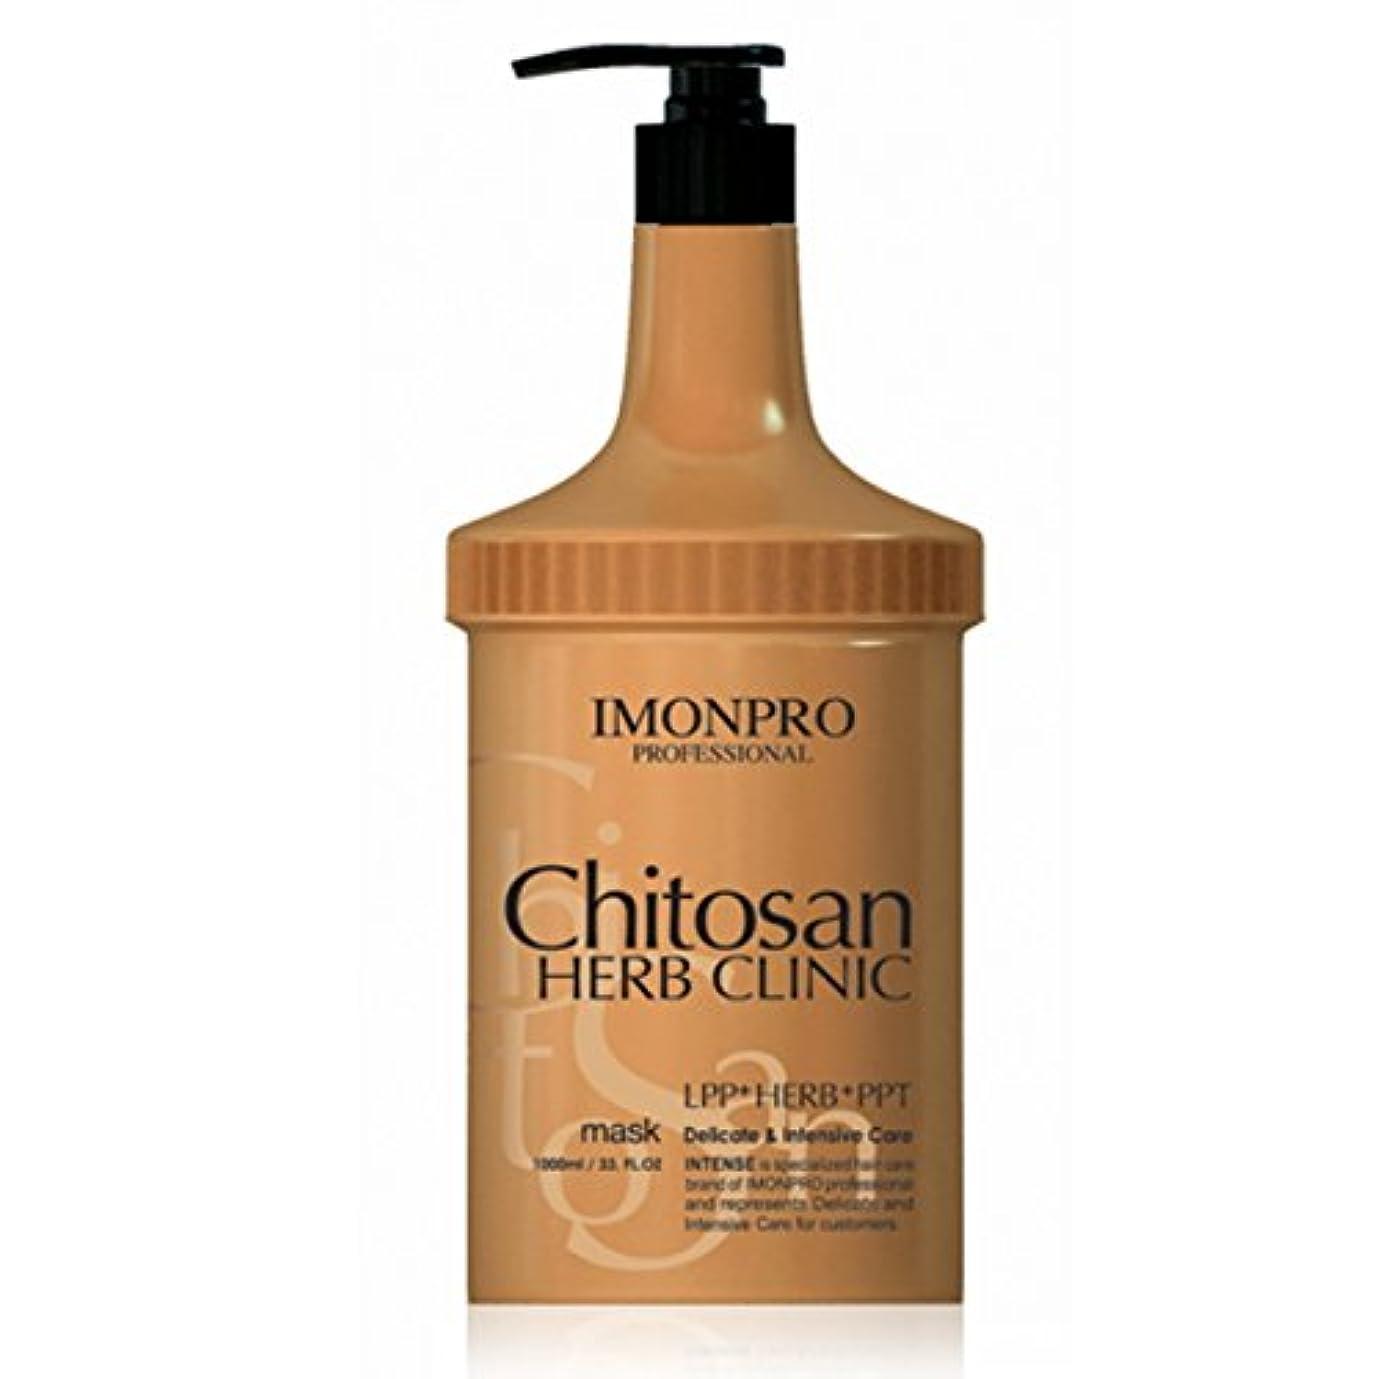 順番七時半クマノミ[IMON/アイモン] Imon Chitosan Herb Clinic Mask 1000g/アイモンキトサンハブクリニックマスク(海外直送品)